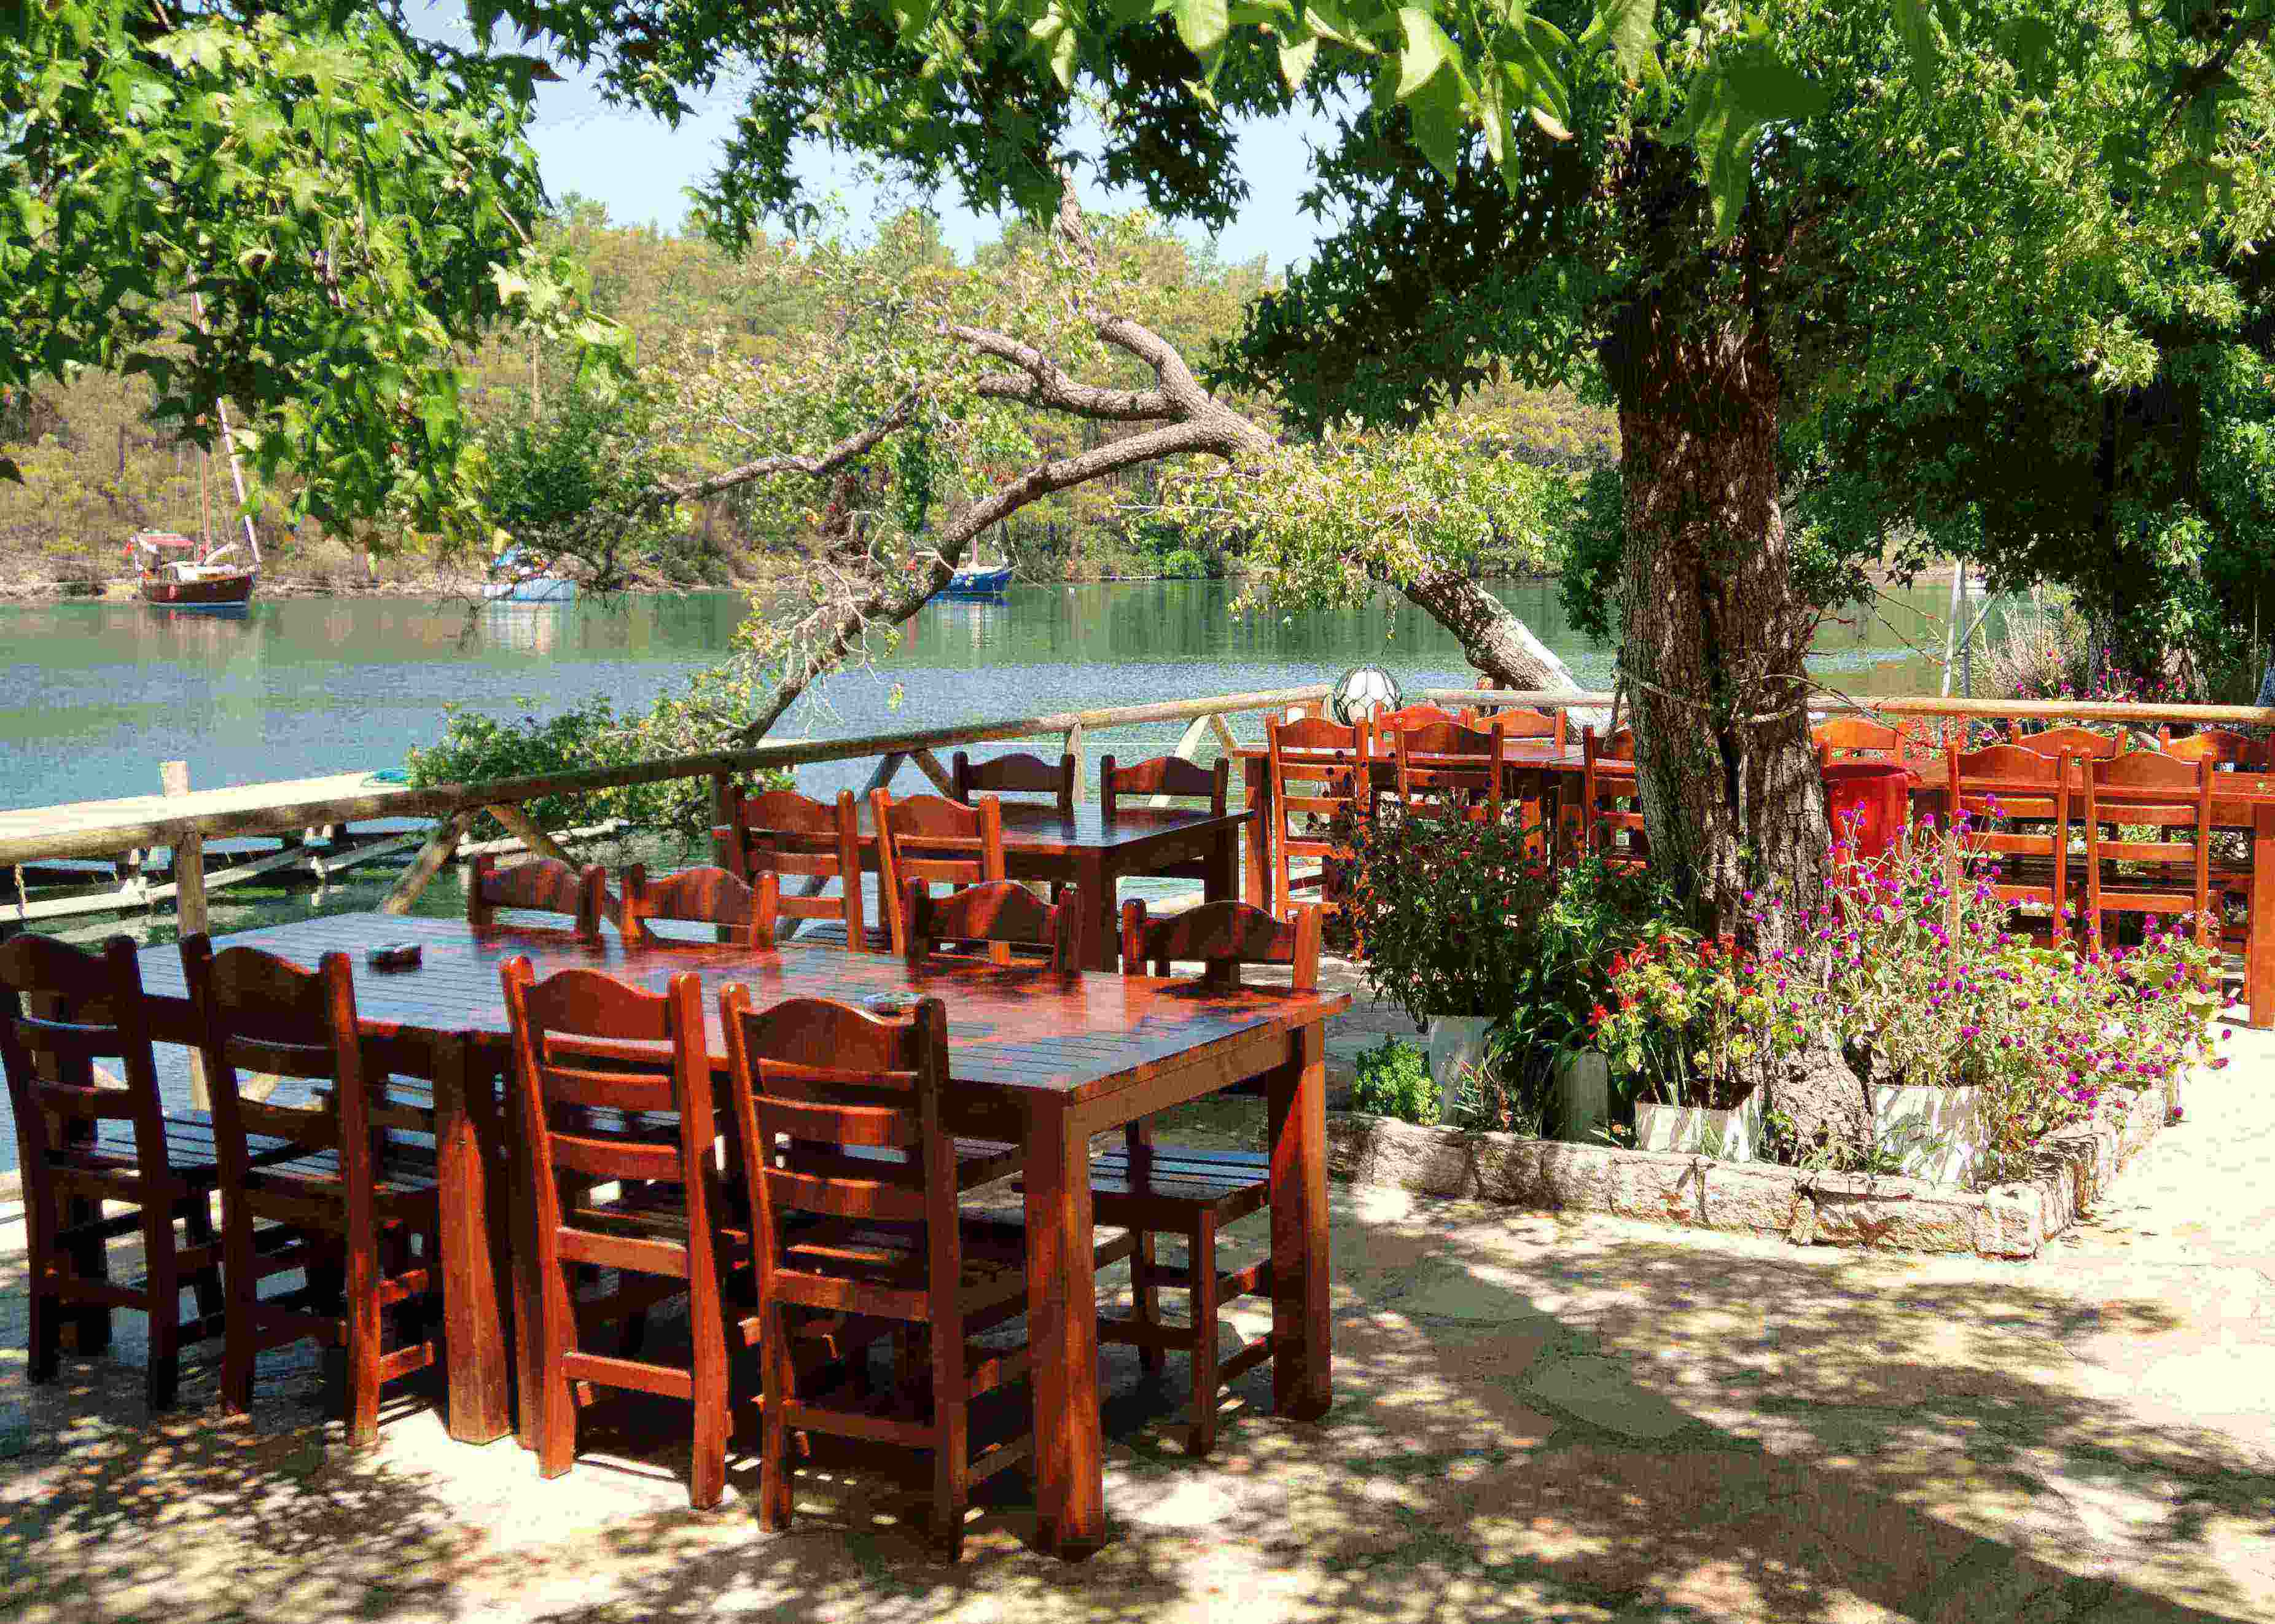 Outdoor Küche Aus Türkei : Sentido hotels türkei